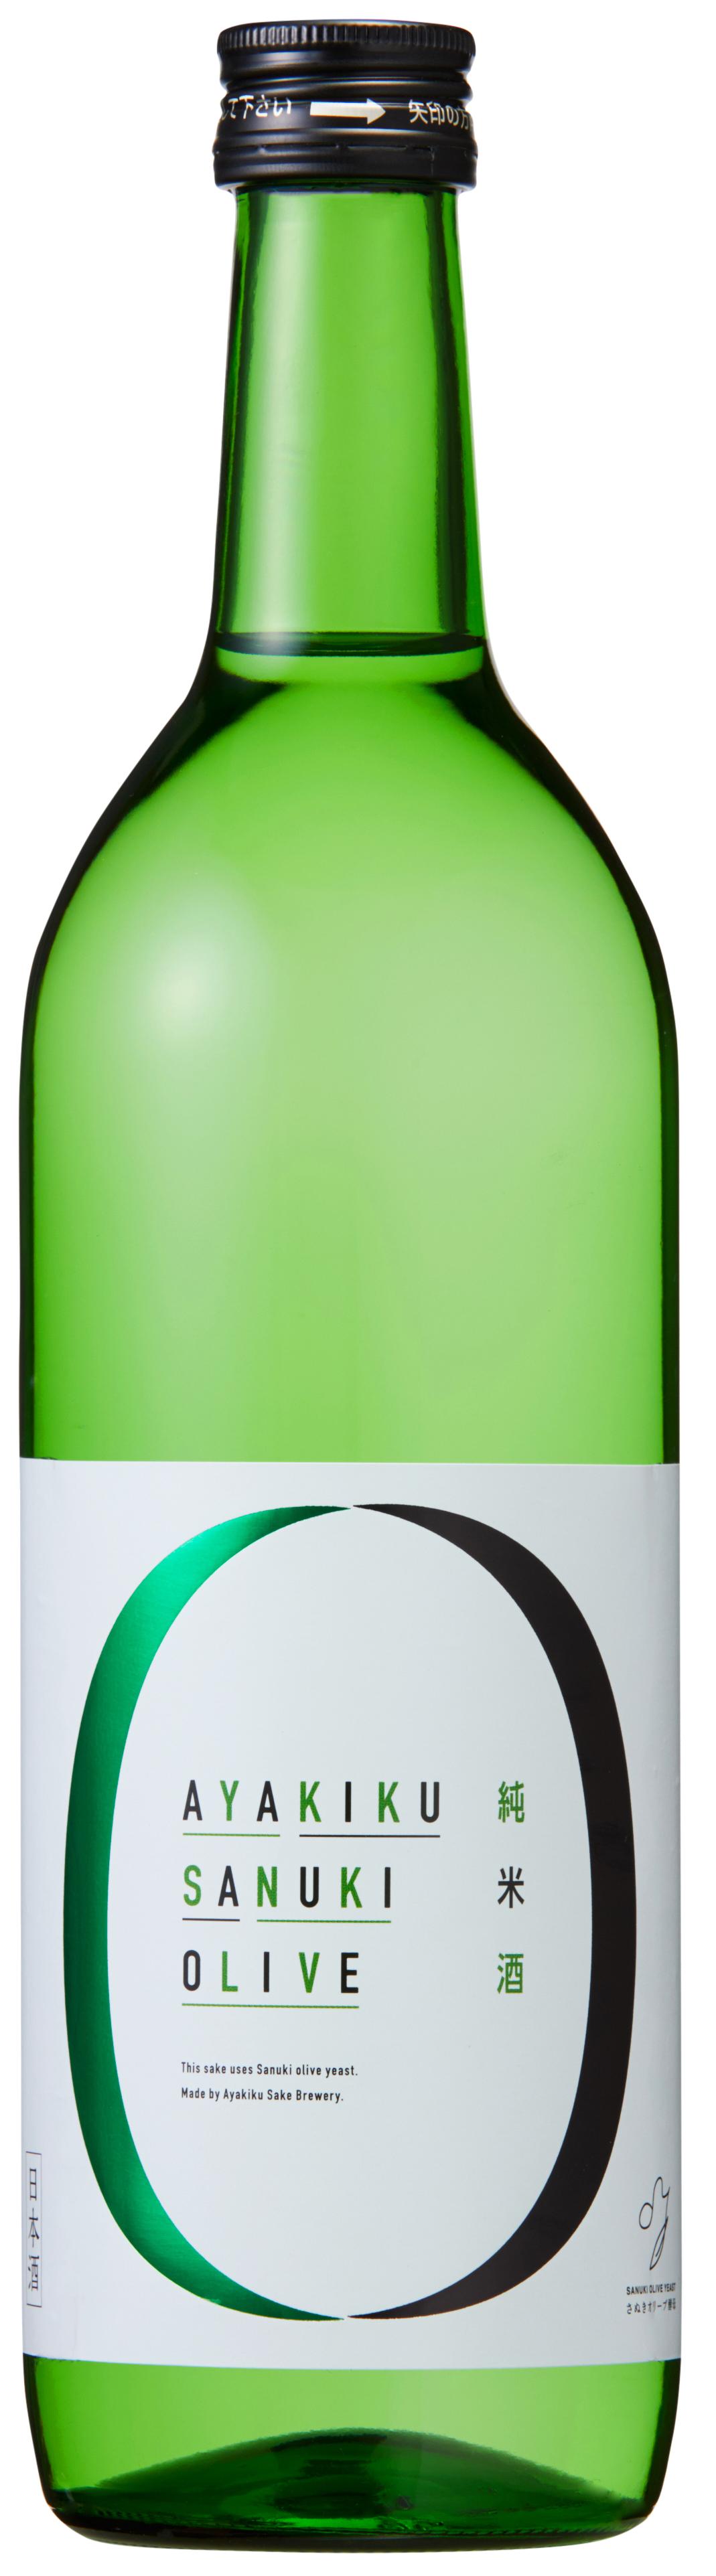 綾菊さぬきオリーブ純米酒